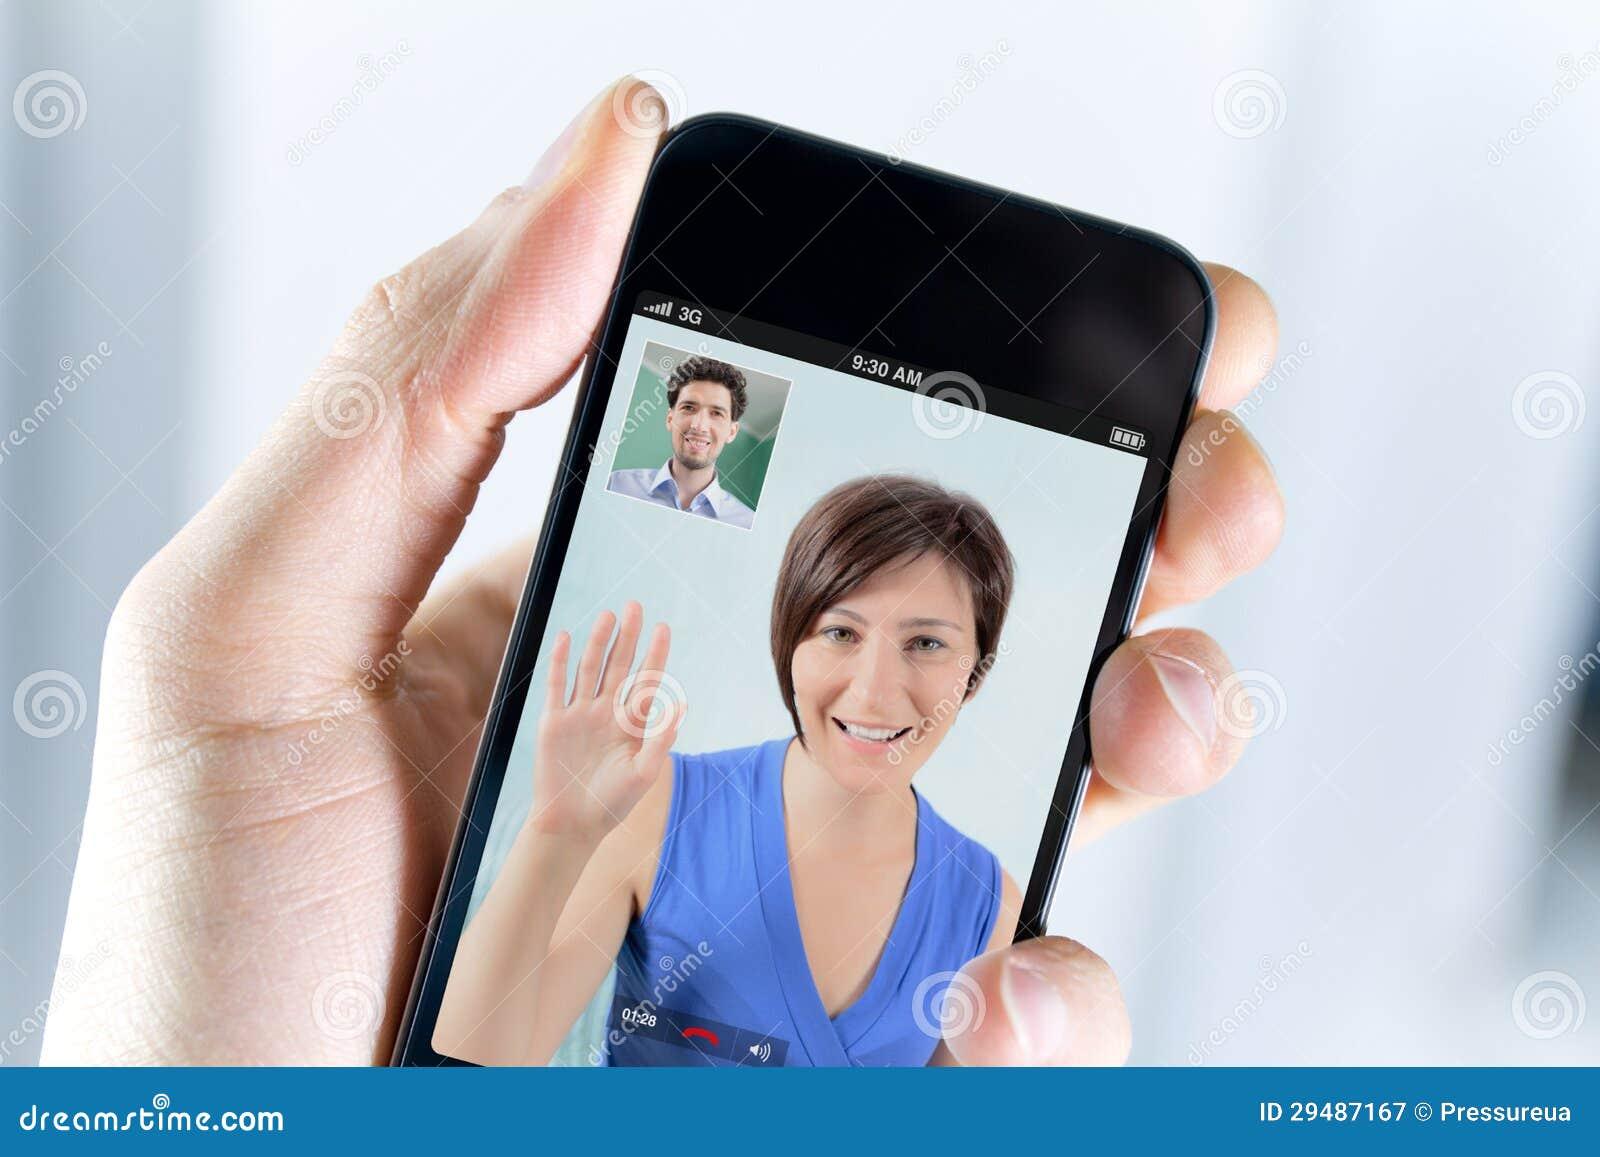 Dobiera się cieszyć się wideo wezwanie od smartphone